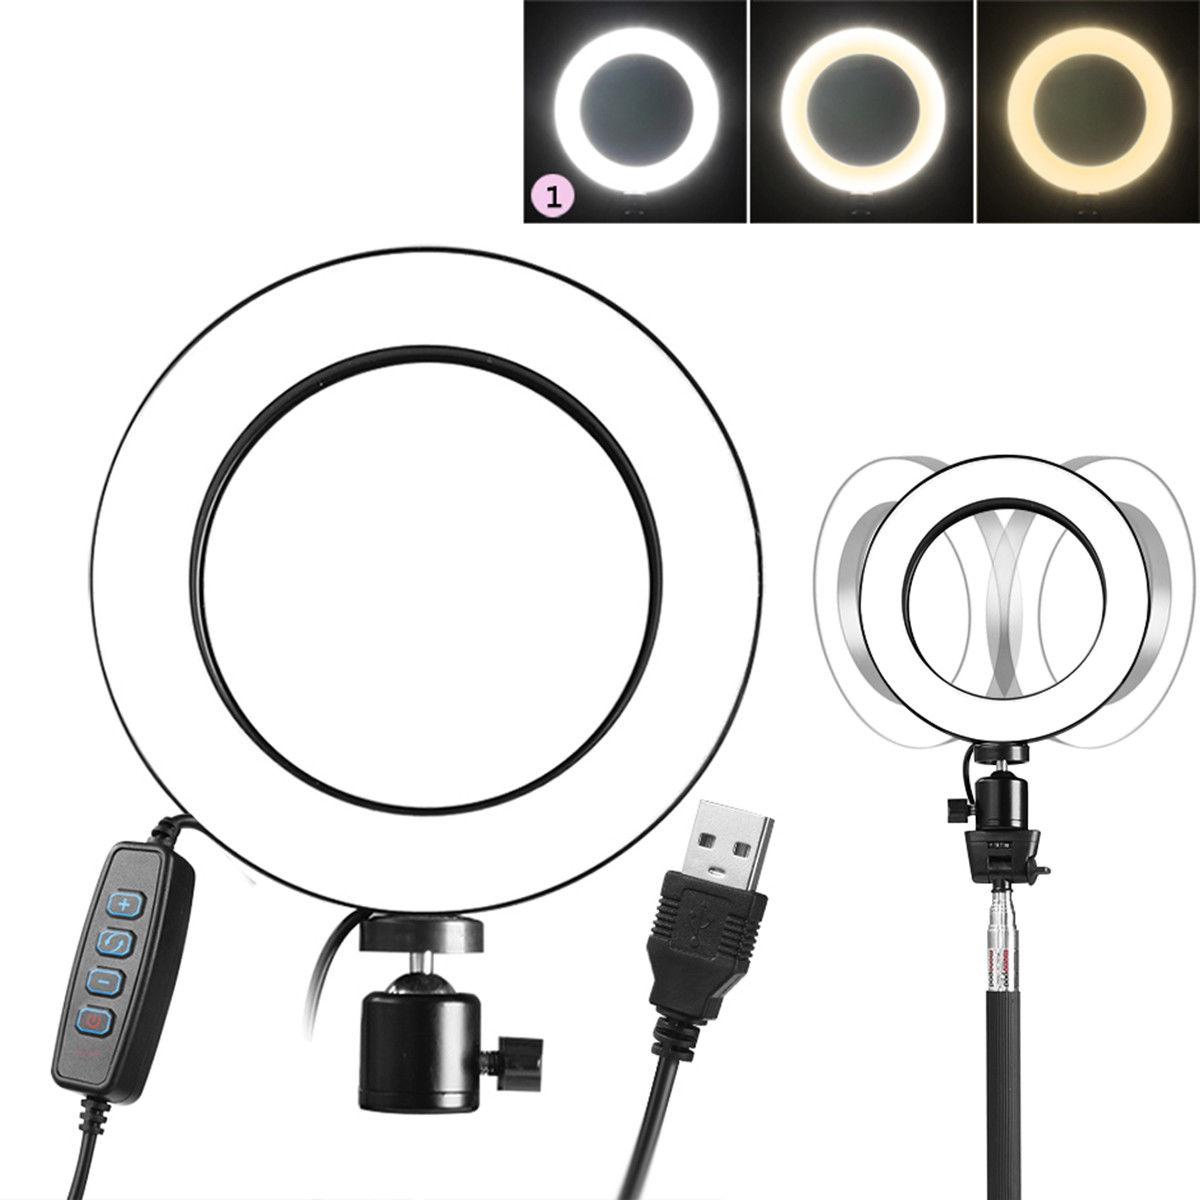 Anel de luz led 3 modos 5500 k lâmpada fotografia câmera estúdio foto telefone vídeo ca